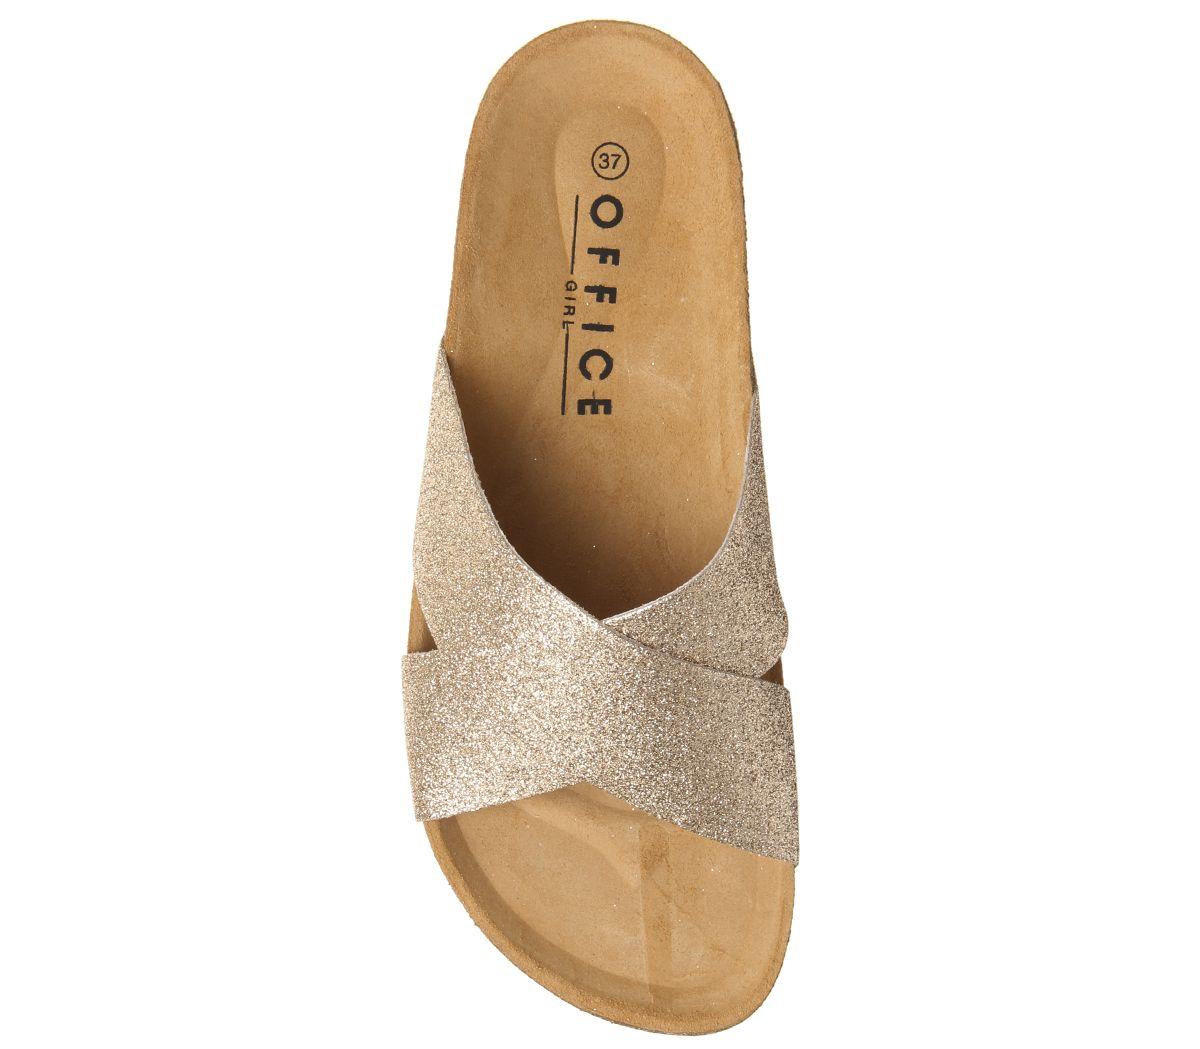 Womens Office Hoxton 2 Sandals Fine Rose Gold Glitter Sandals